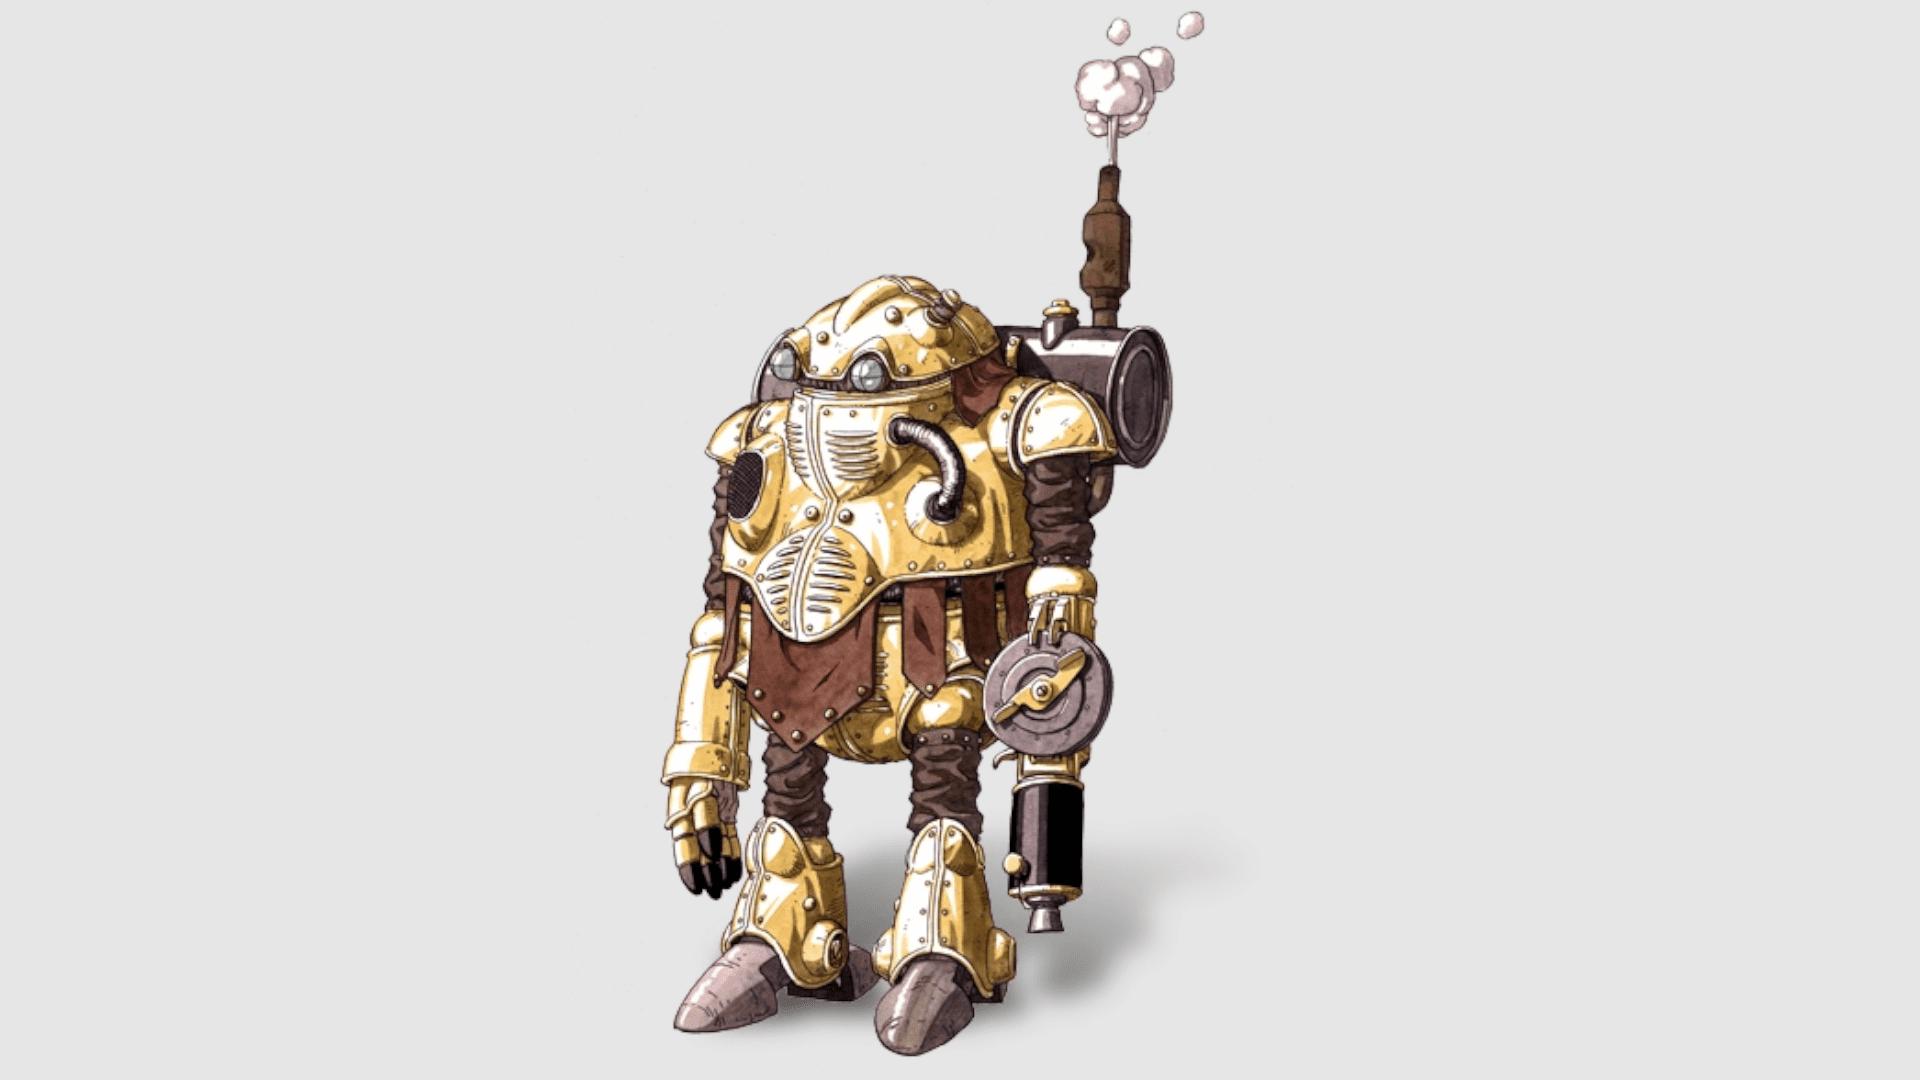 Robo é uma máquina futurística que foi consertado pela Lucca (Foto: Divulgação/Square Enix)